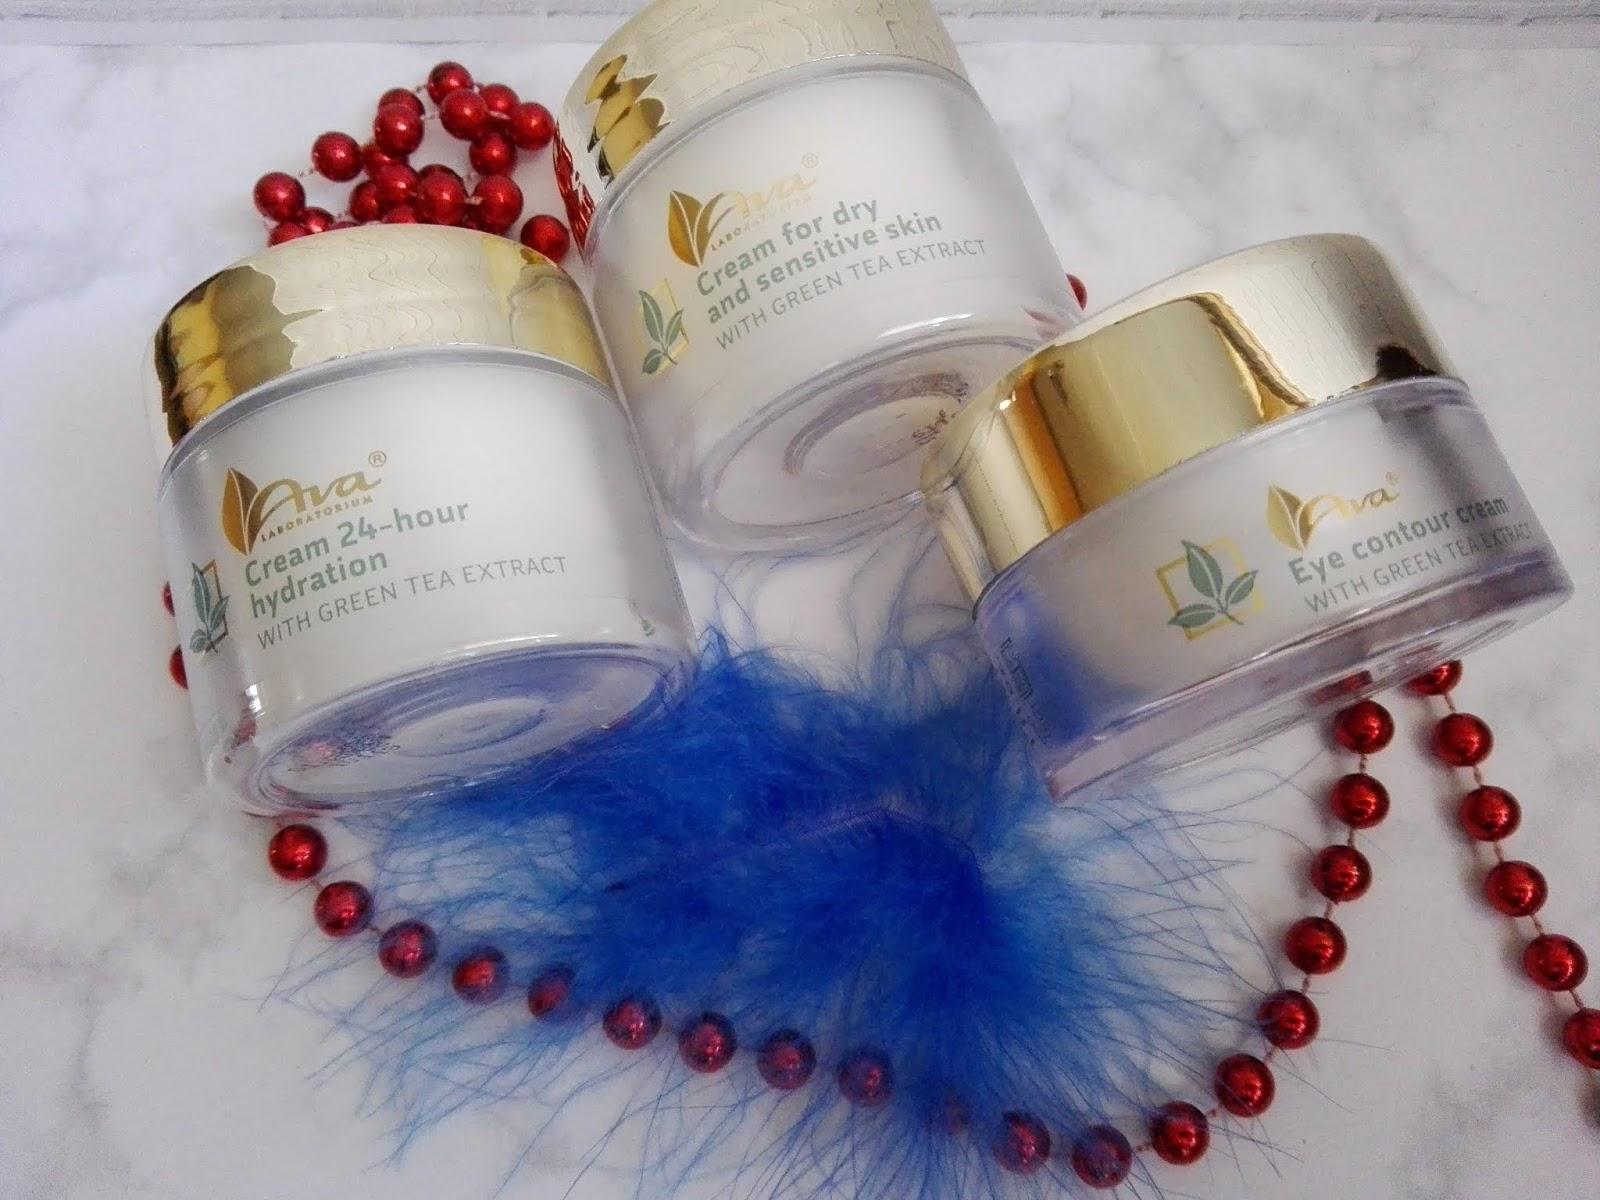 Kosmetyki Ava Zielona Herbata w nowej odsłonie